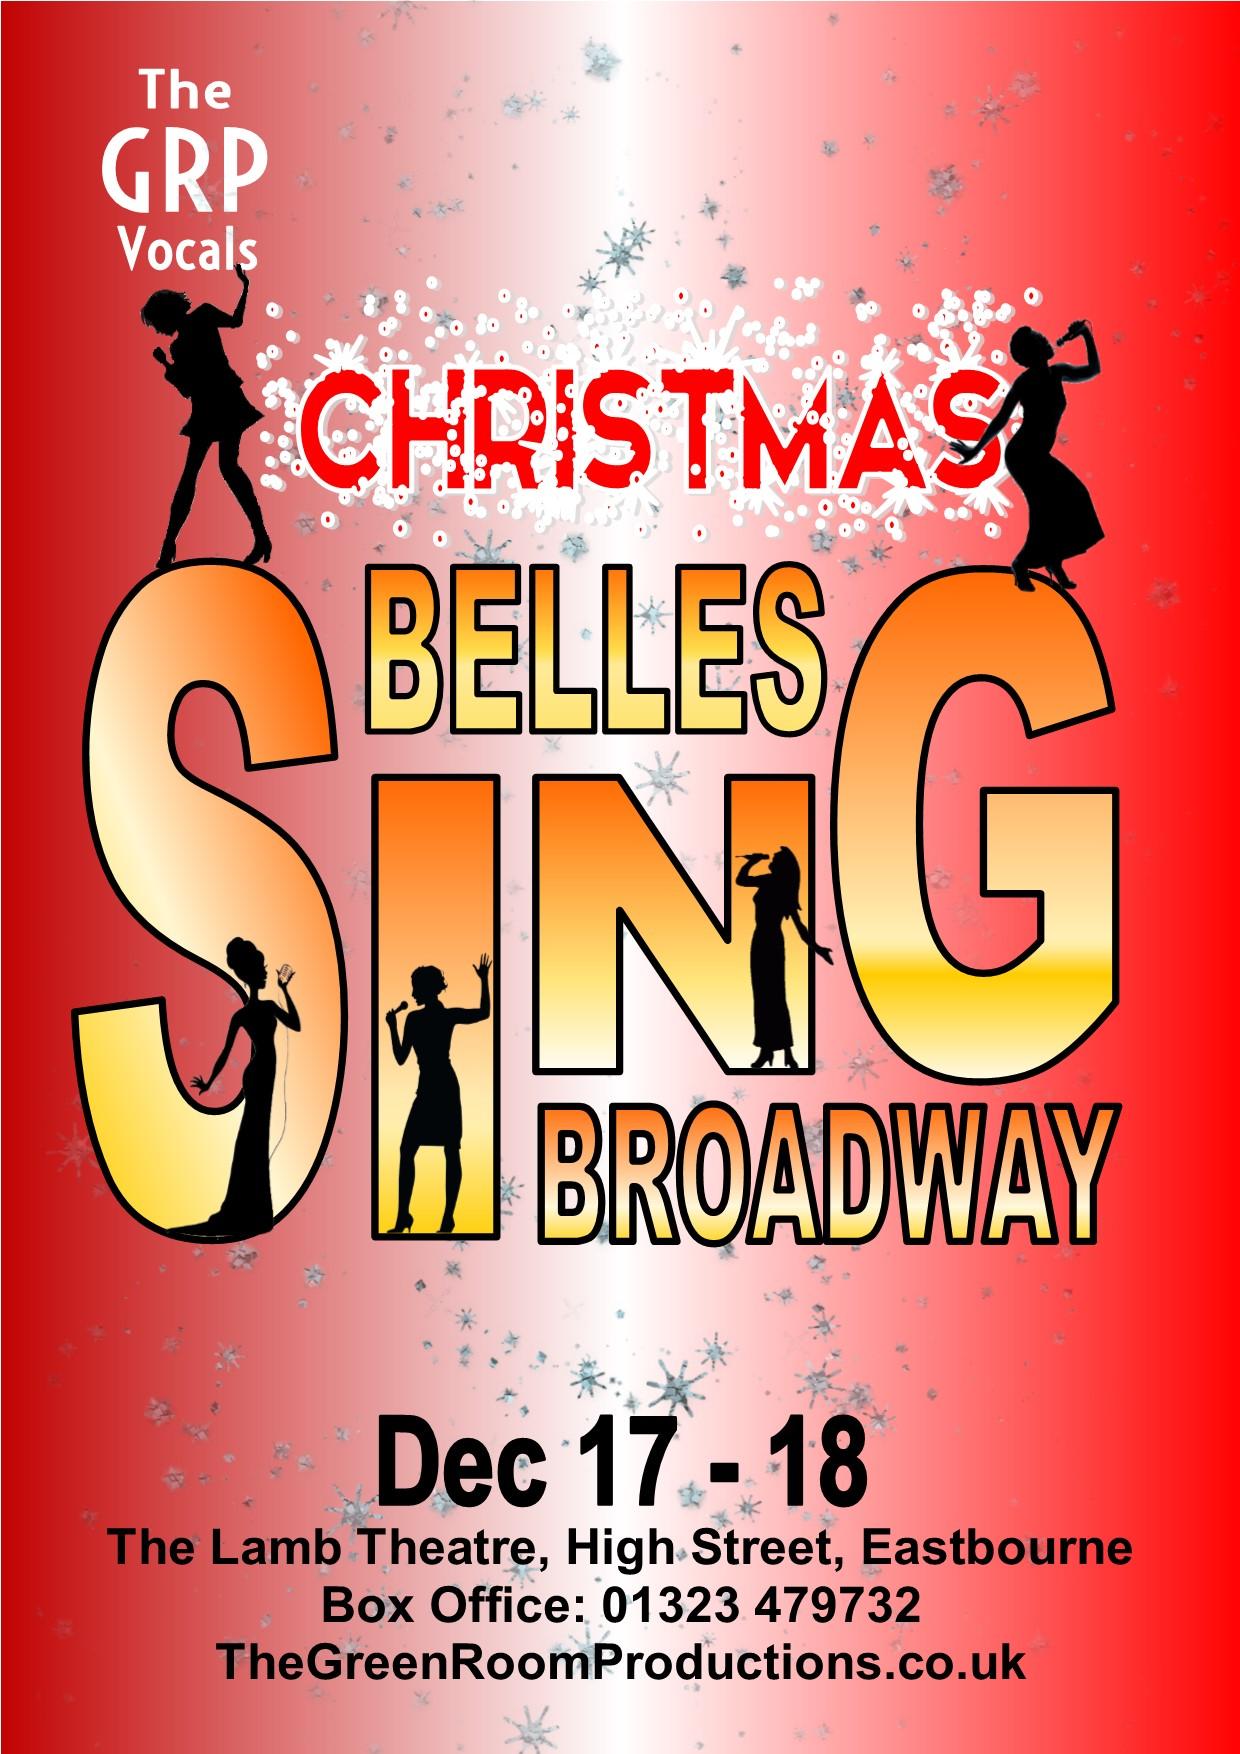 Christmas Belles Sing Broadway